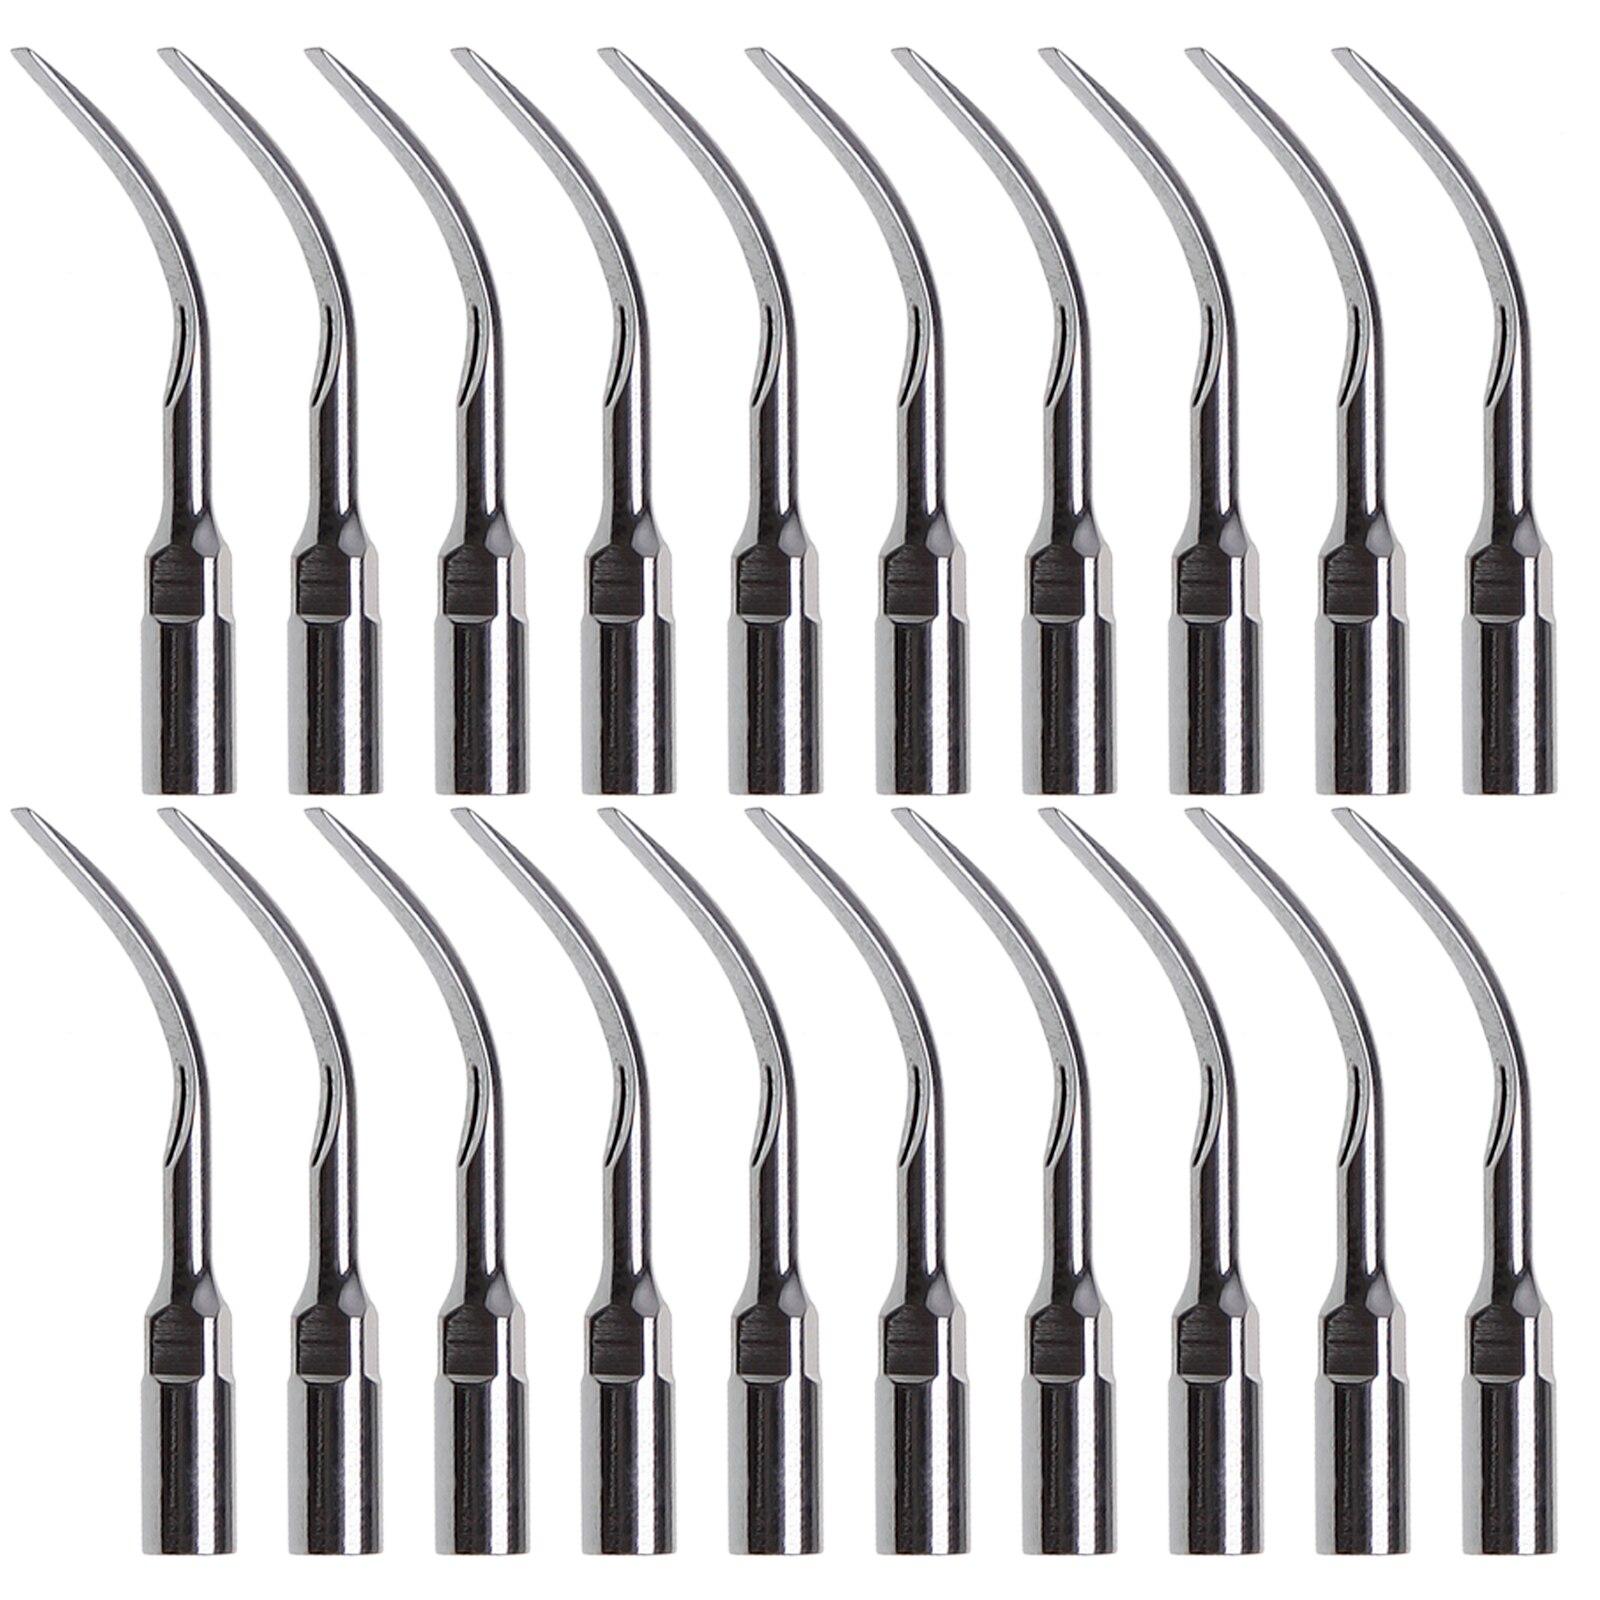 dental endo perio scaling tips for ems ultrasonic scaler handpiece 20Pcs Dental Ultrasonic Scaler Scaling Perio G6 Tips compitable for EMS/WOODPECKER